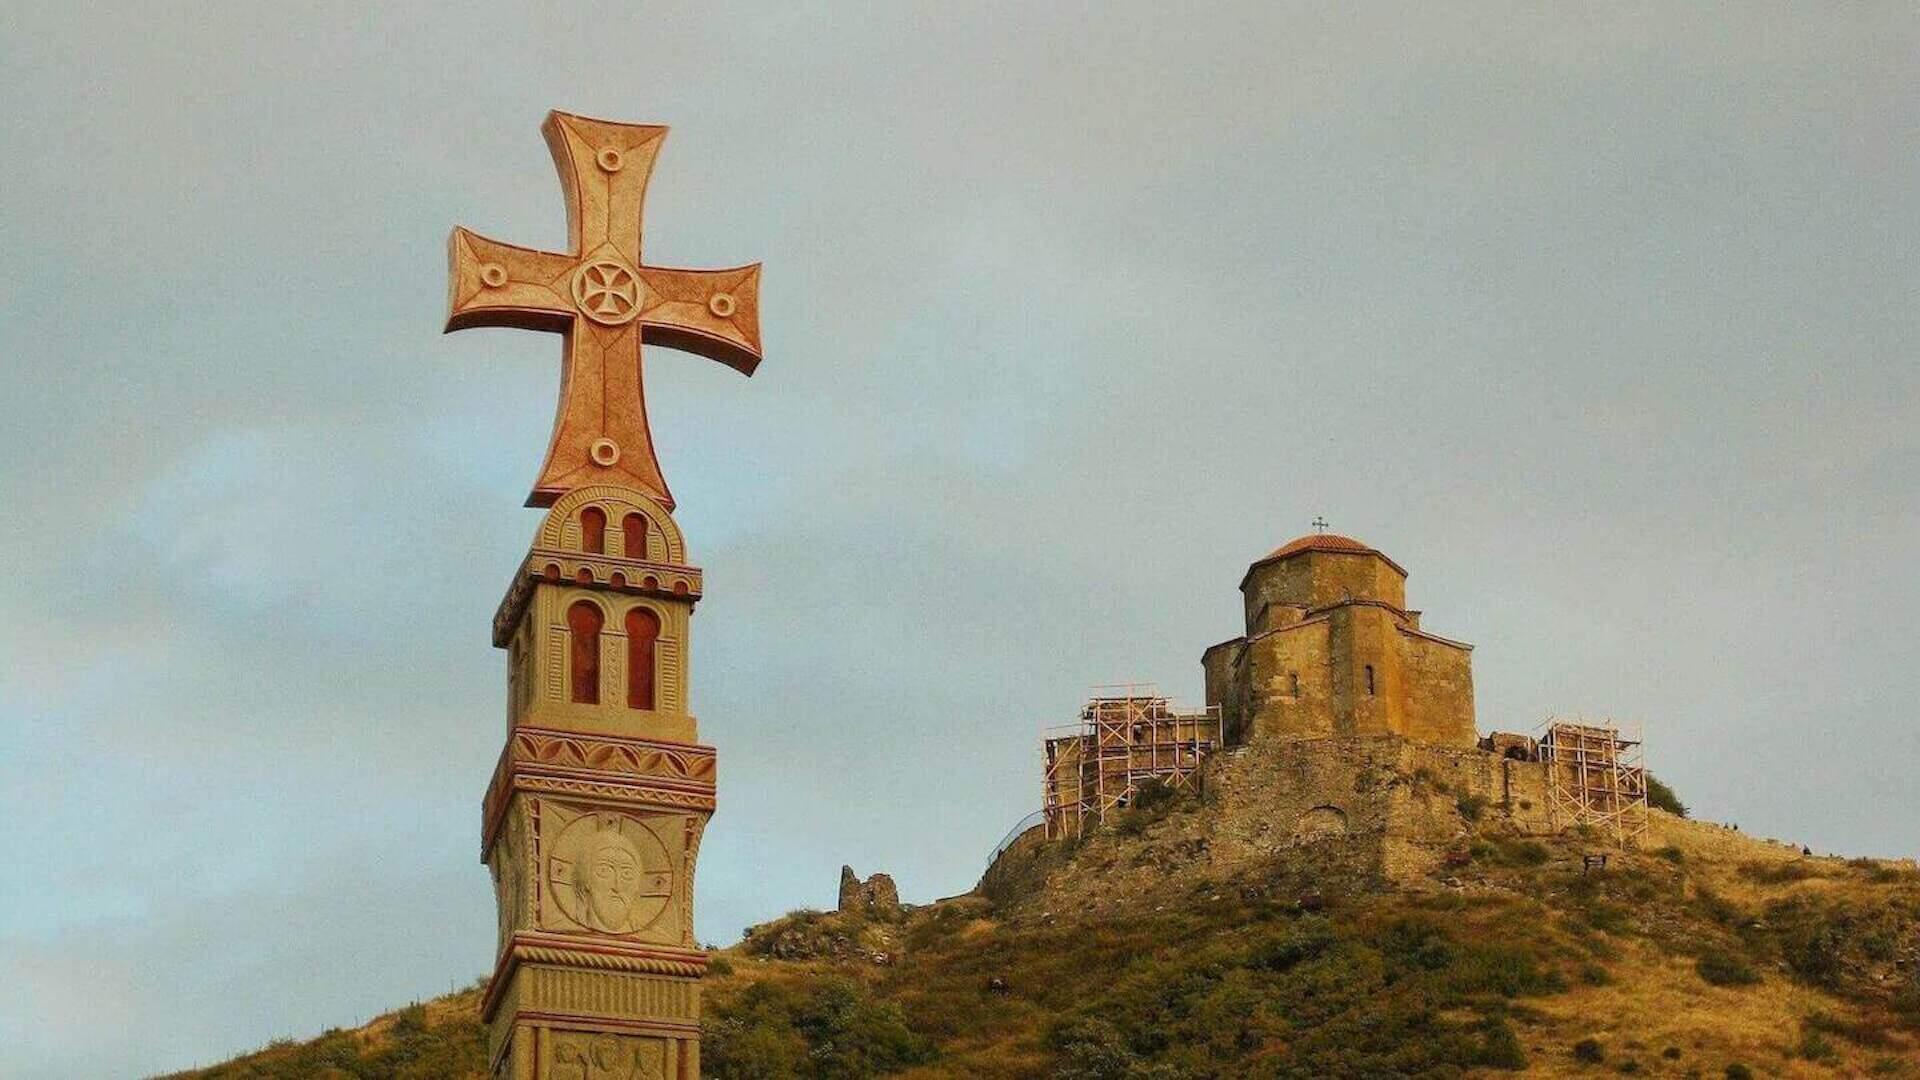 Kruis en het klooster van Jvari in Mtskheta